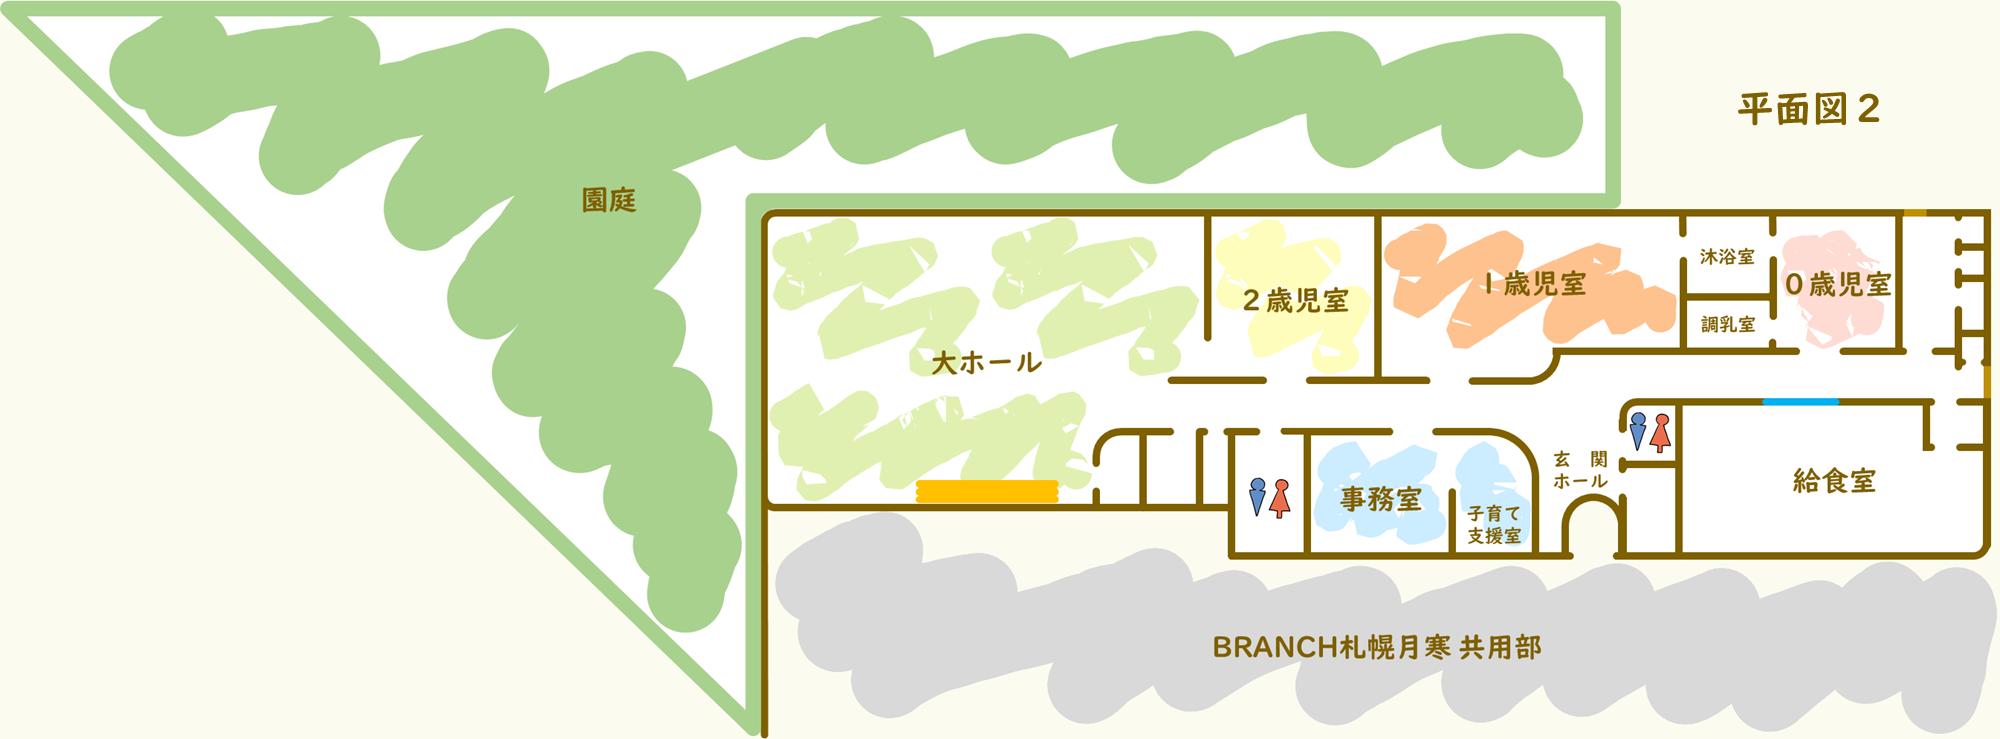 月寒じゅんのめ保育園平面図2